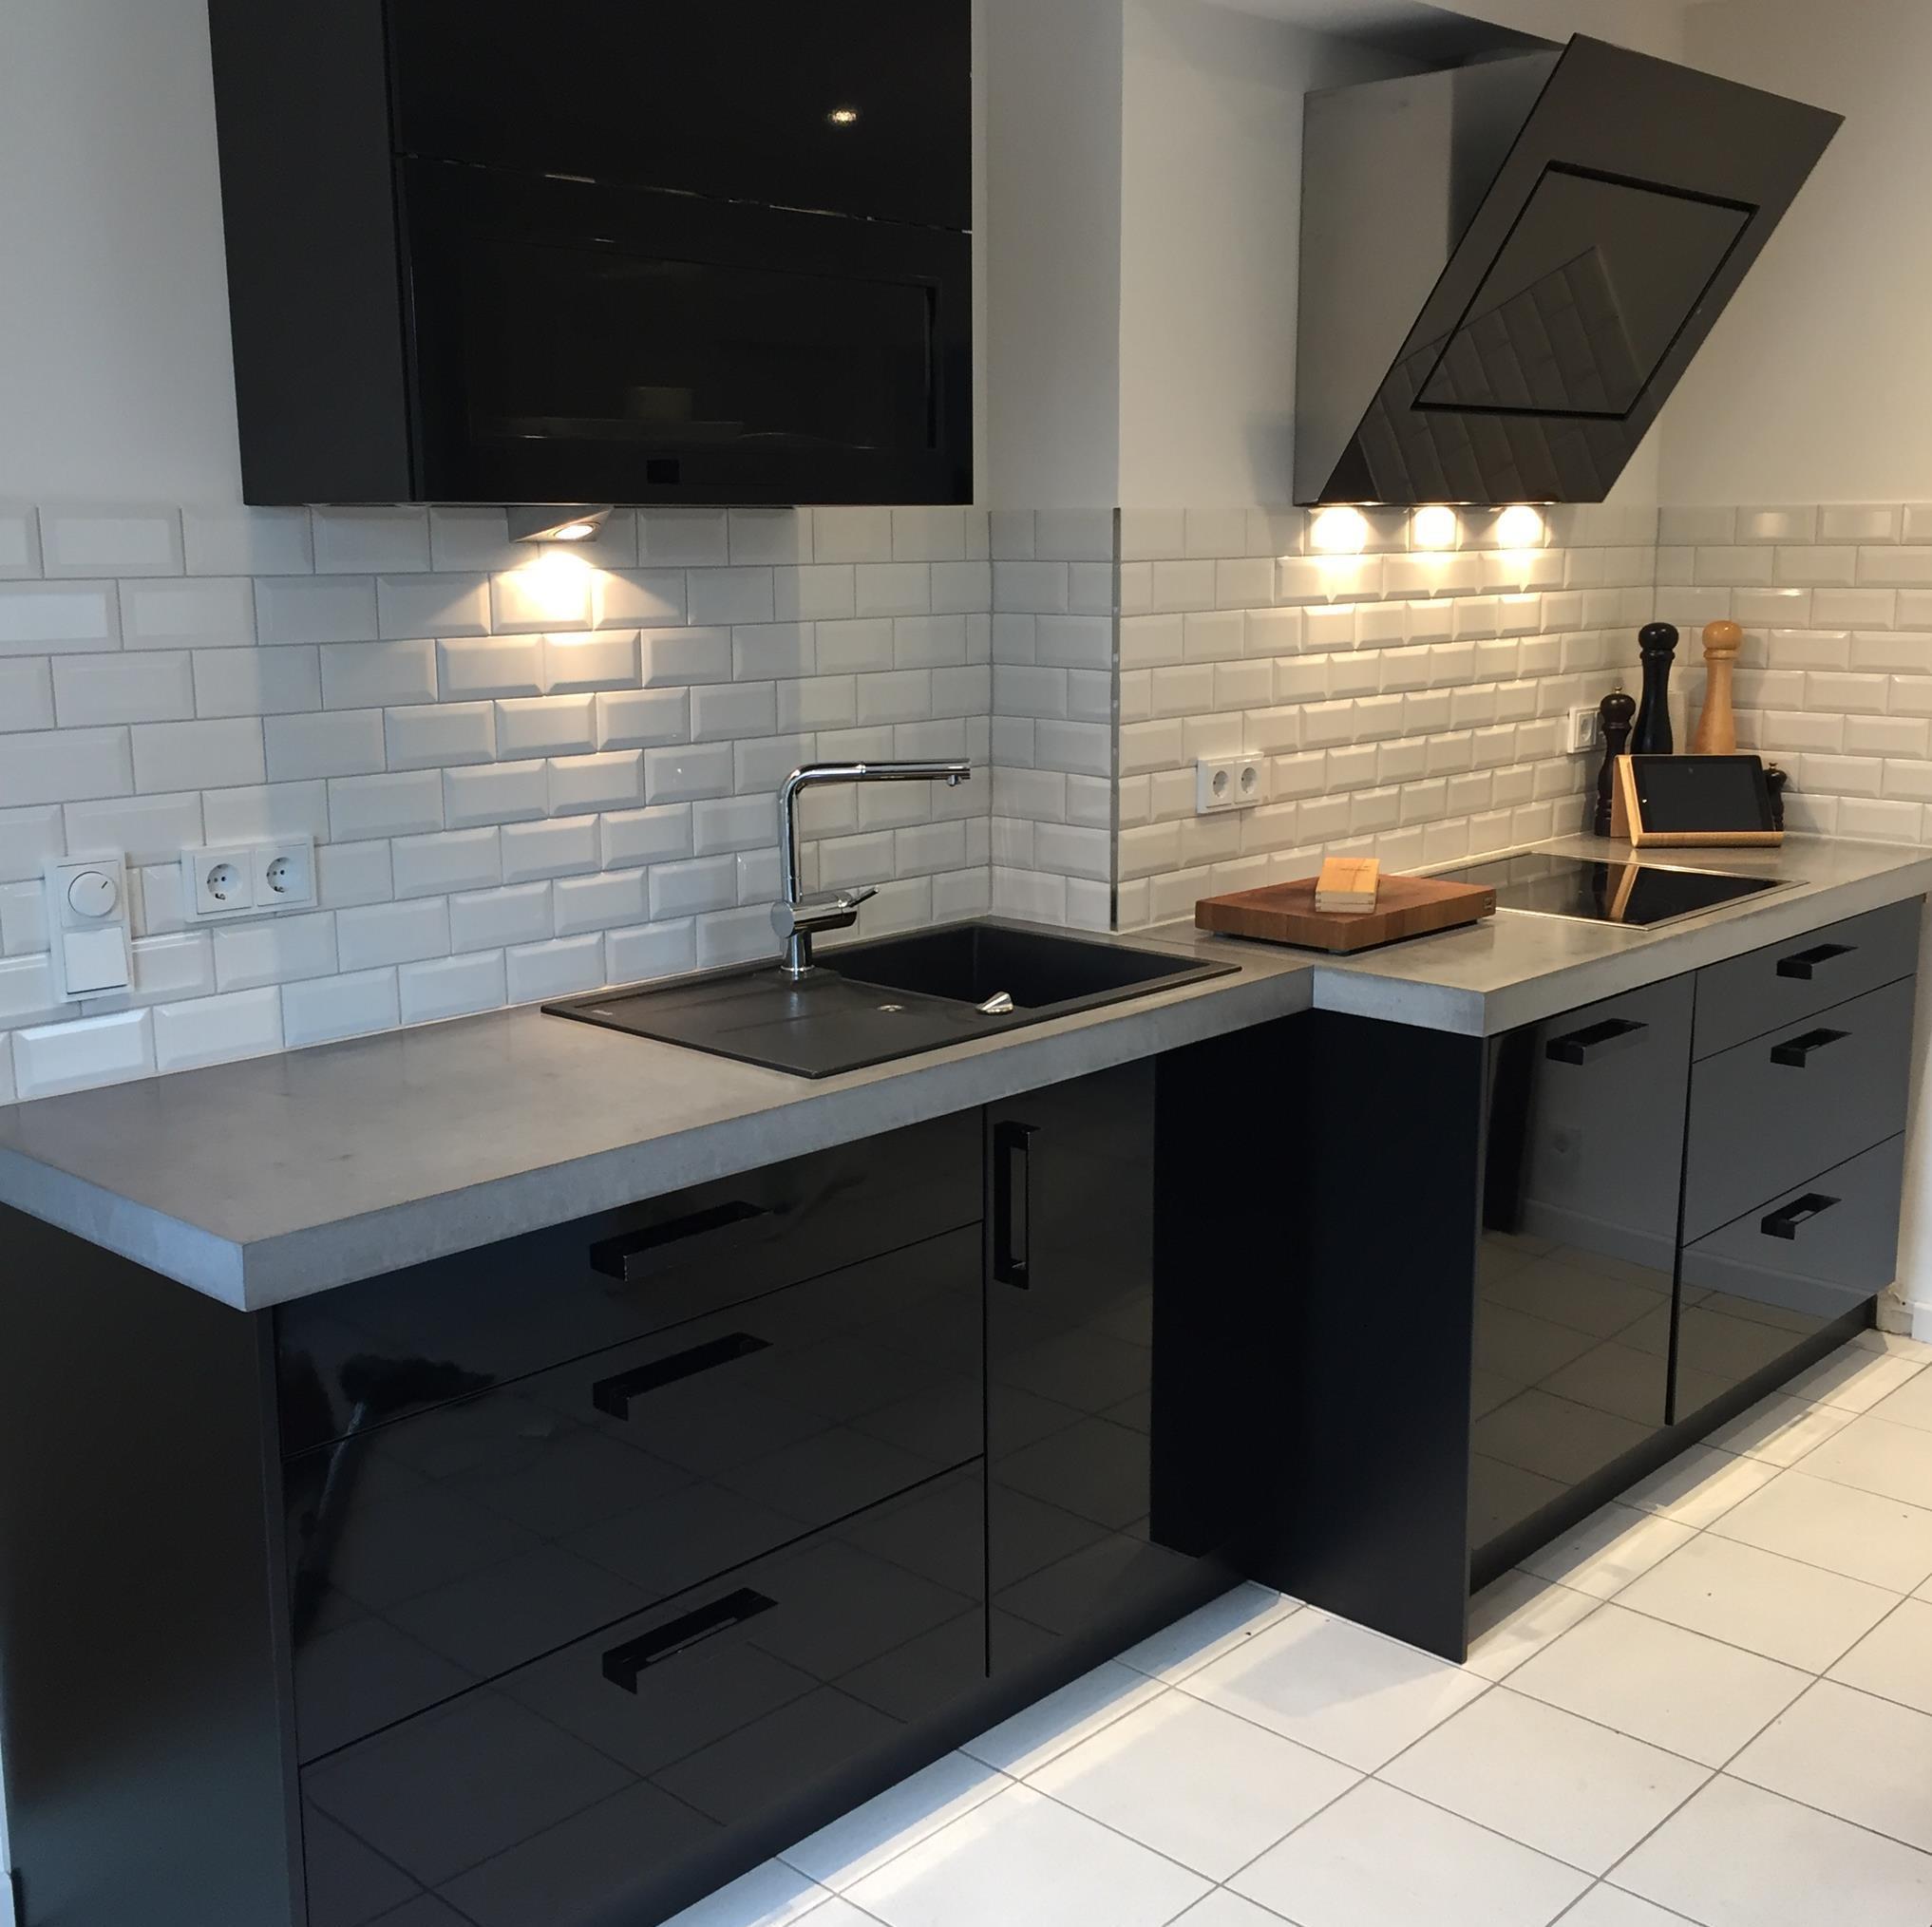 Küche Arbeitsplatte  Arbeitsplatten aus Beton DIY Anleitung mit Betonrezept